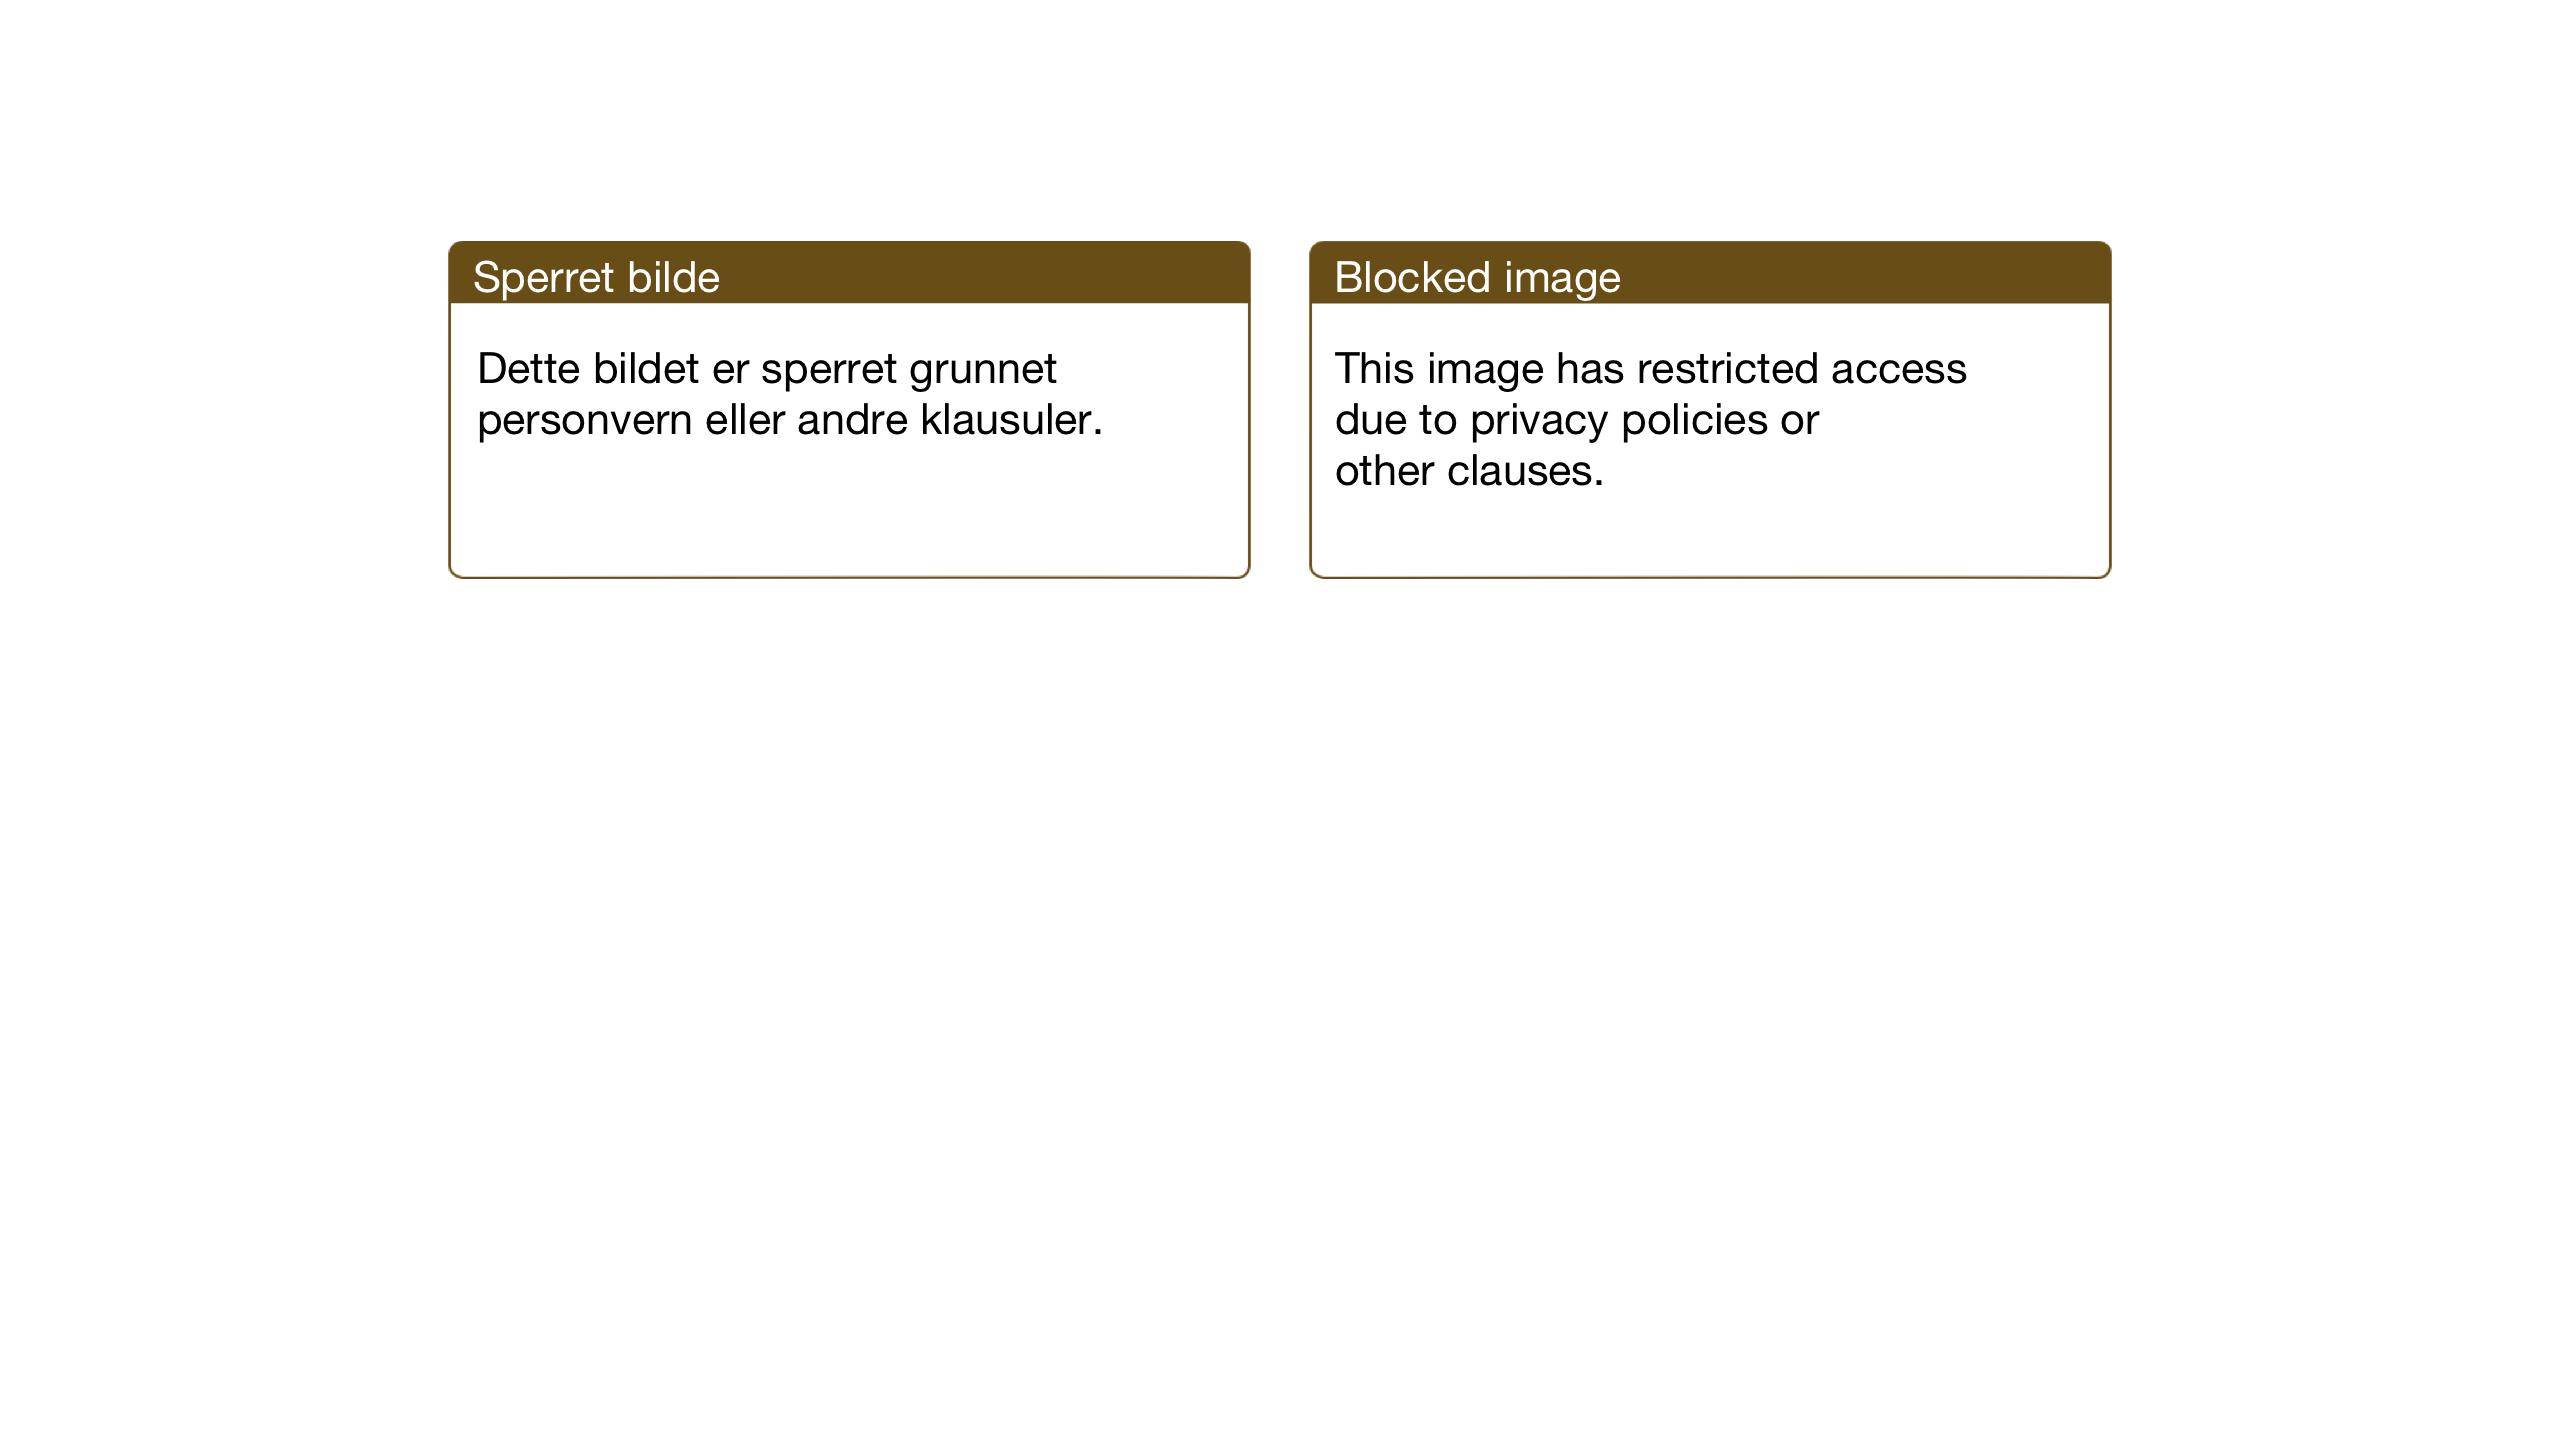 SAT, Ministerialprotokoller, klokkerbøker og fødselsregistre - Nord-Trøndelag, 701/L0019: Klokkerbok nr. 701C03, 1930-1953, s. 24